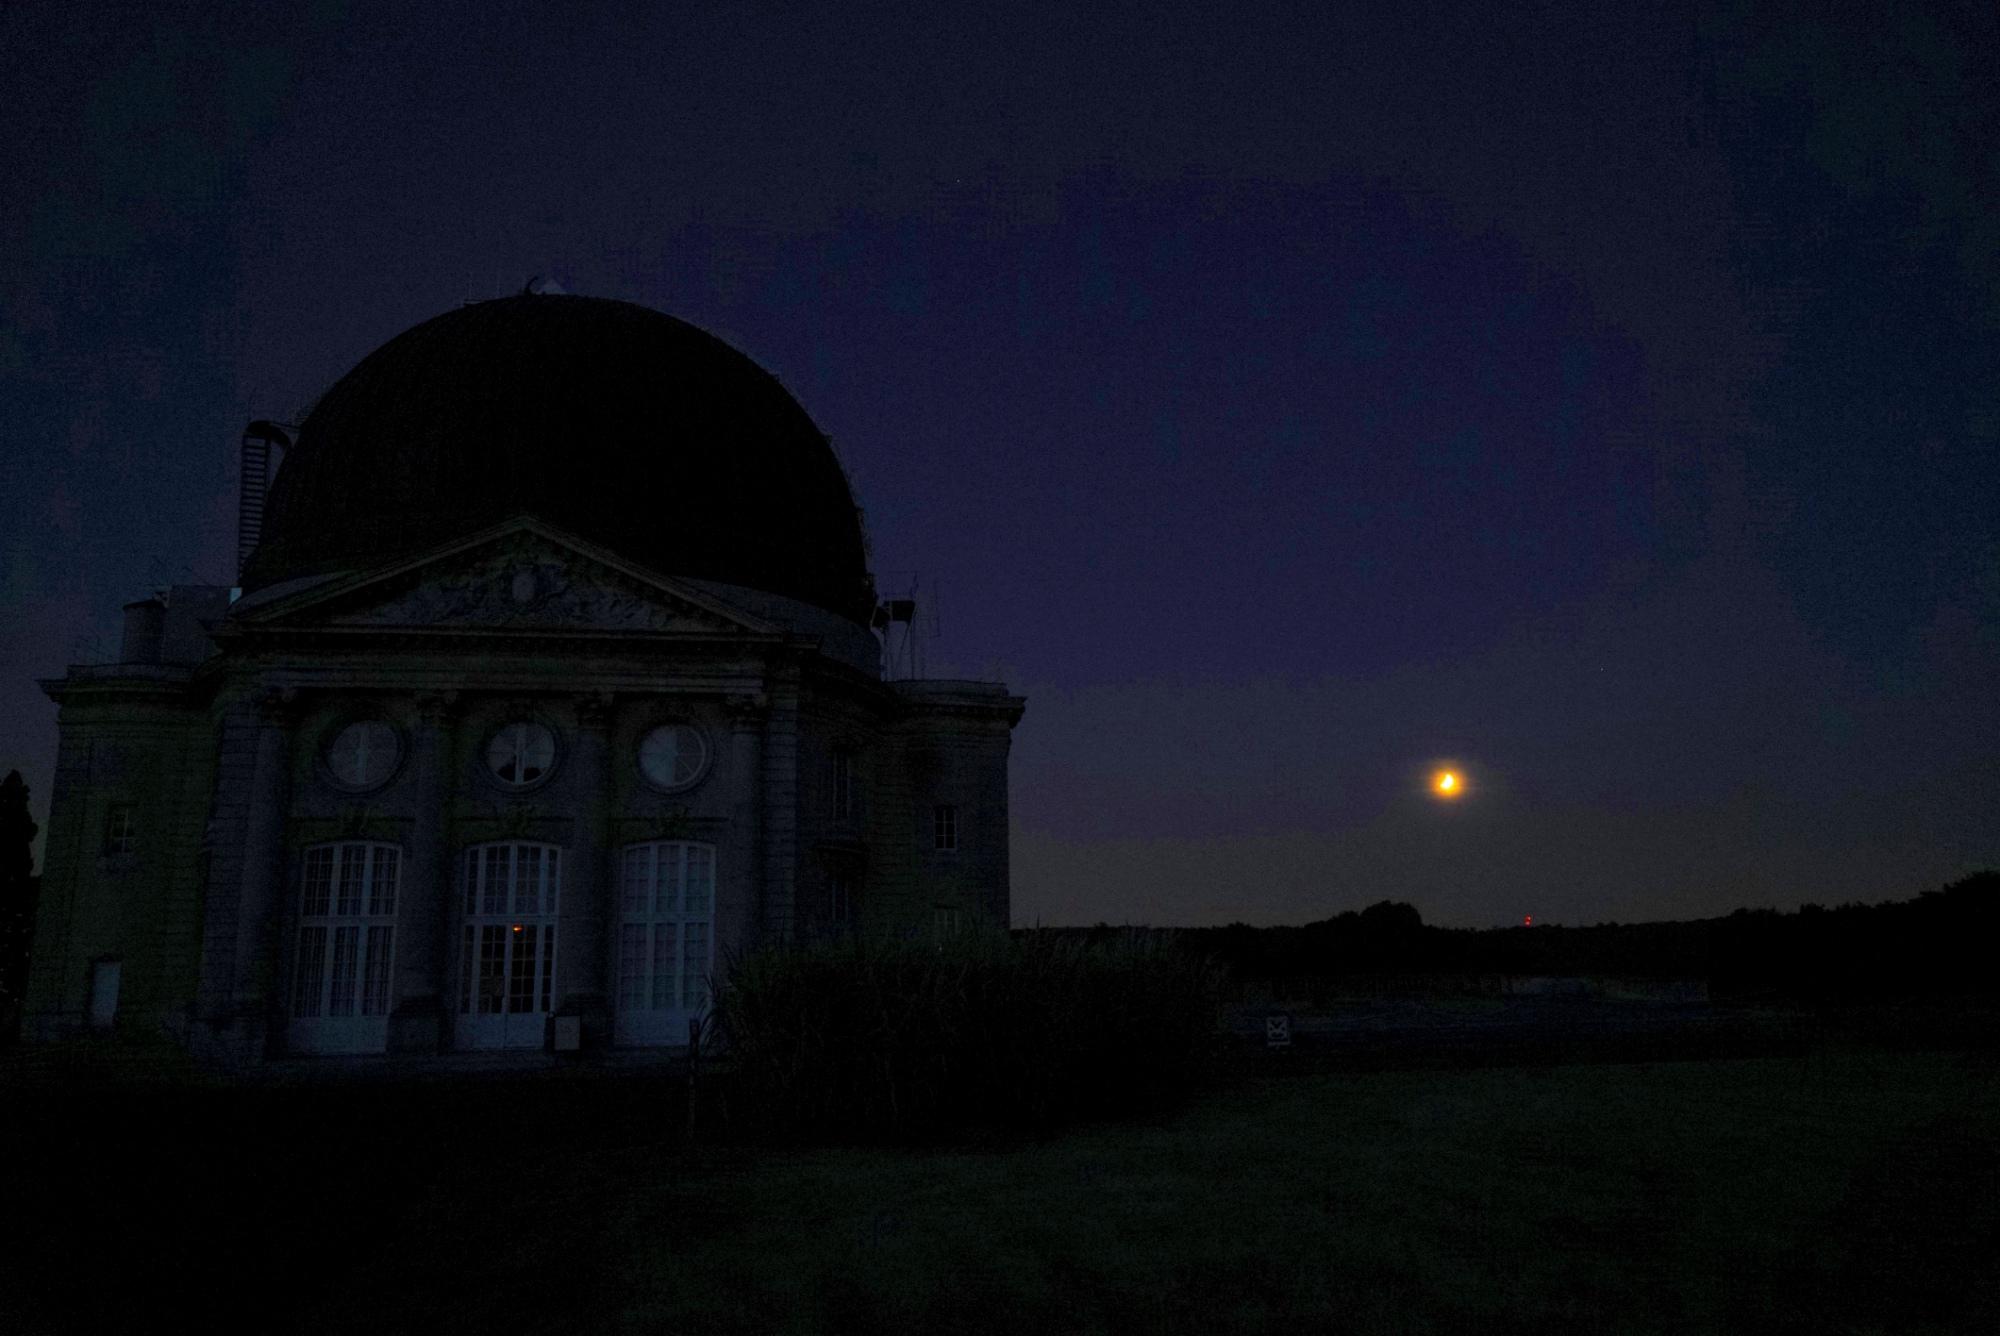 eclipsemeudon160719-20h43m47-24mmf4b.thumb.jpg.a6443945f8690661d55eef290ce93044.jpg